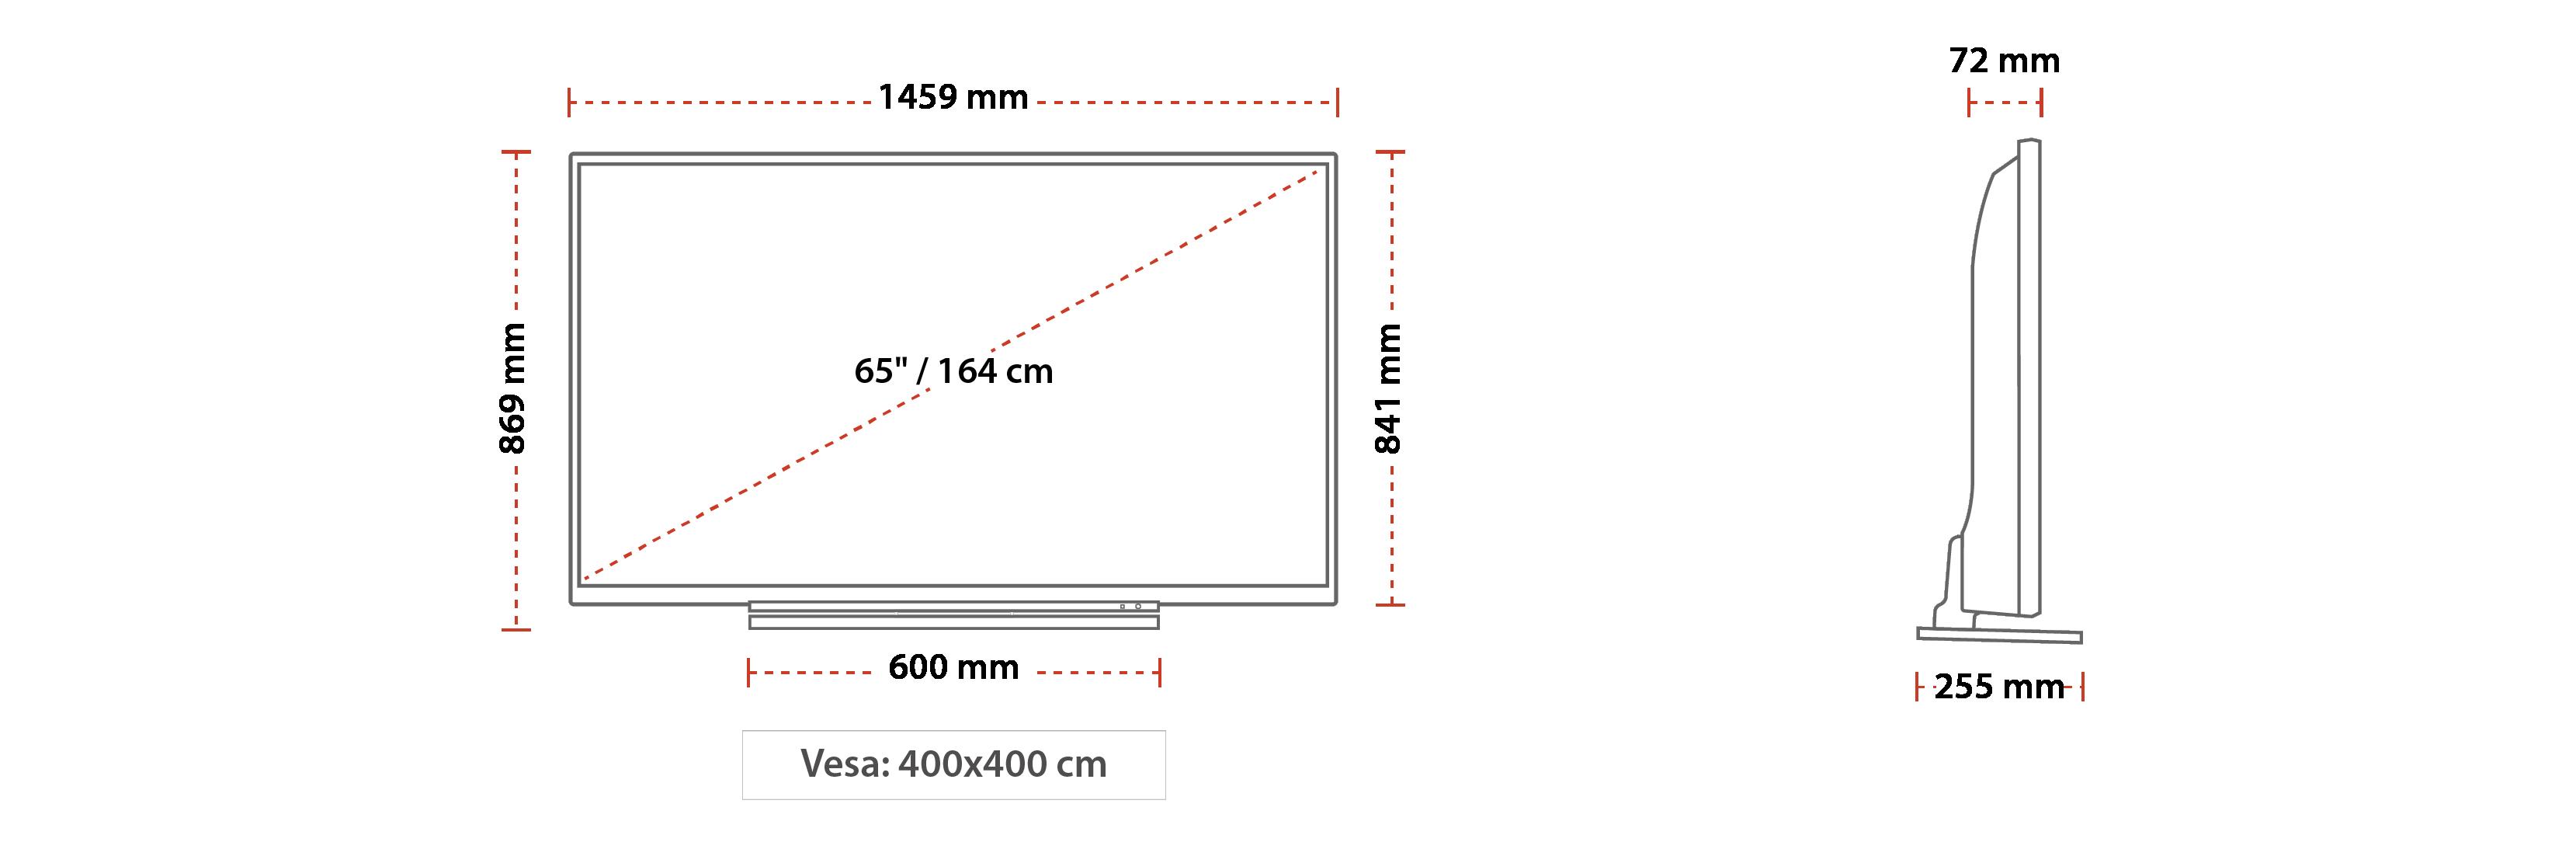 Toshiba Tv 65u5863db 65 Quot Toshiba Ultra Hd Tv